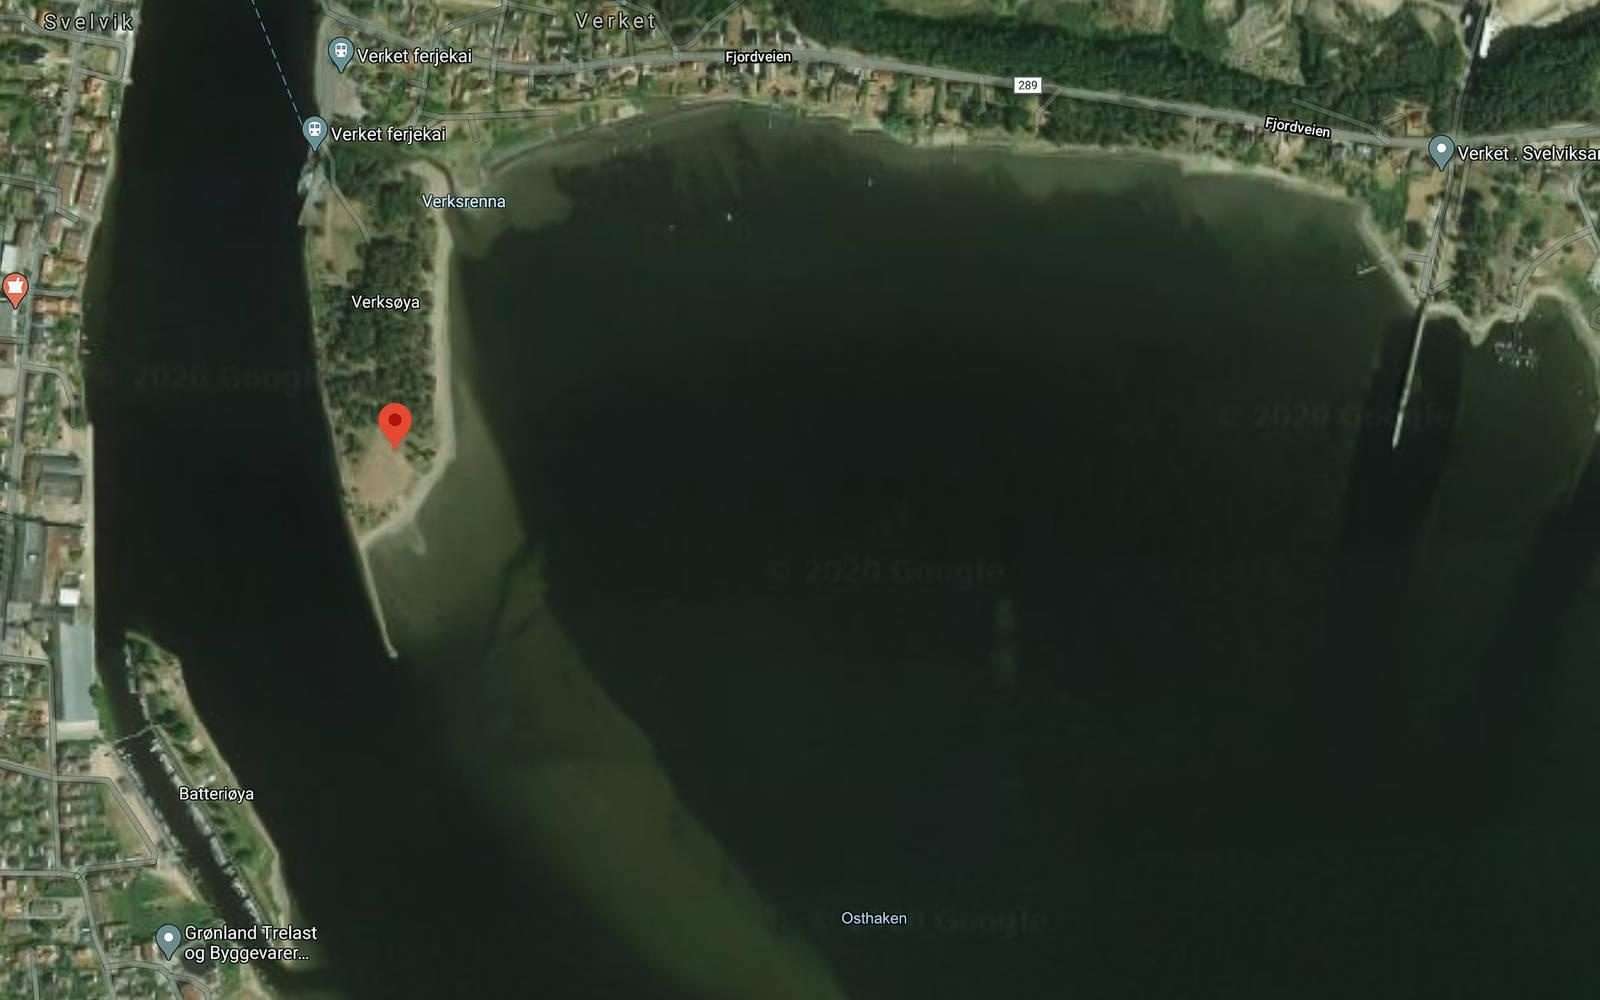 Verket Svelvik kite Drammensfjorden